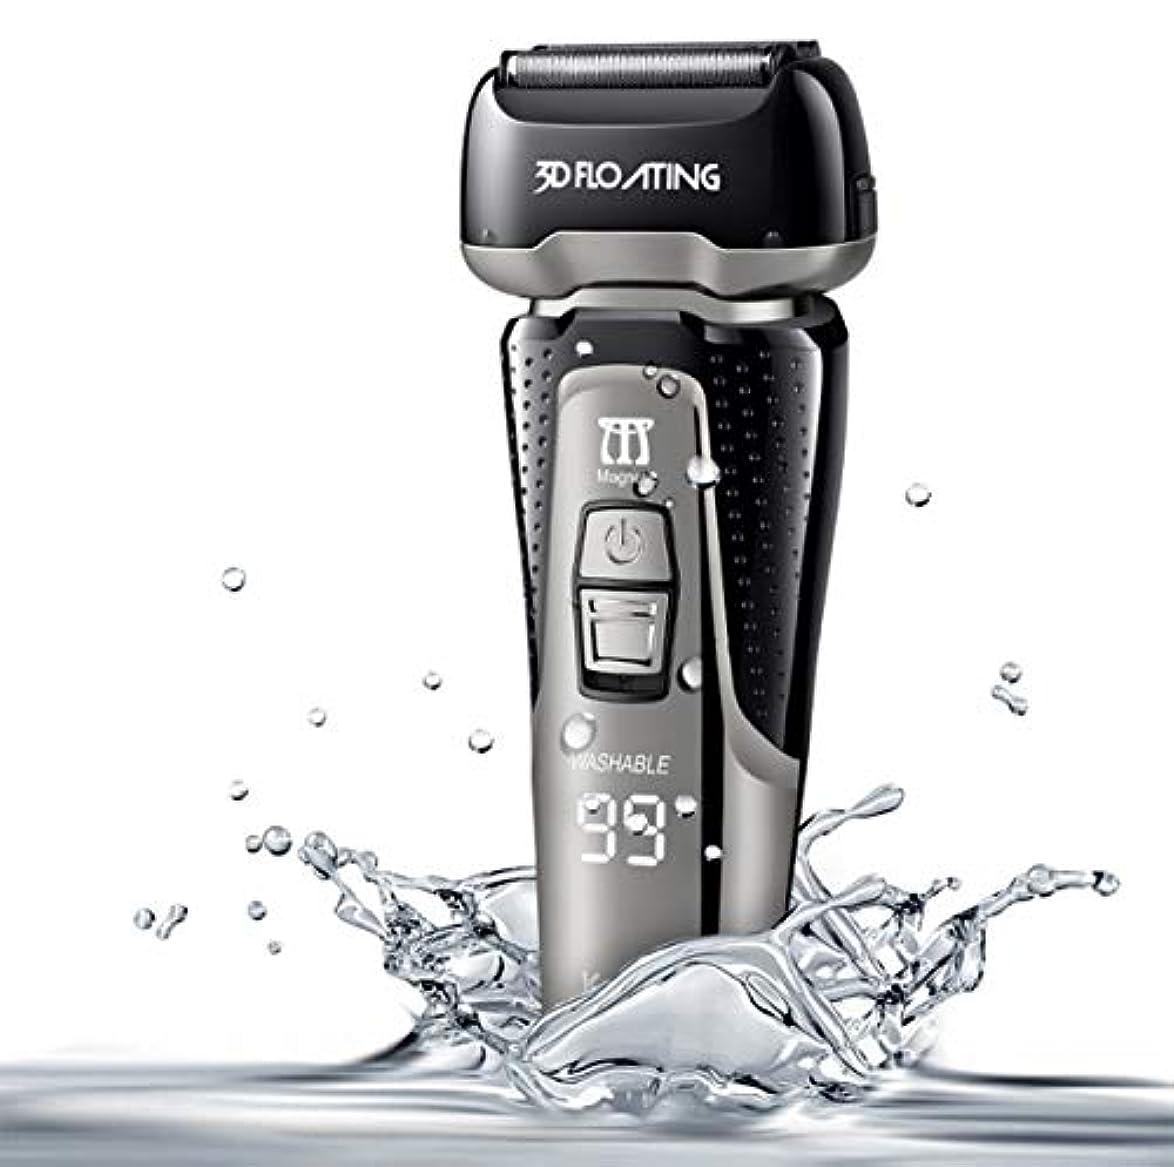 スティックやさしい共役ひげそり 電動 メンズシェーバー 電気カミソリ 電動髭剃り リニアモーター搭載 IPX7防水 本体丸洗い 3枚刃 USB充電式 持ち運び便利